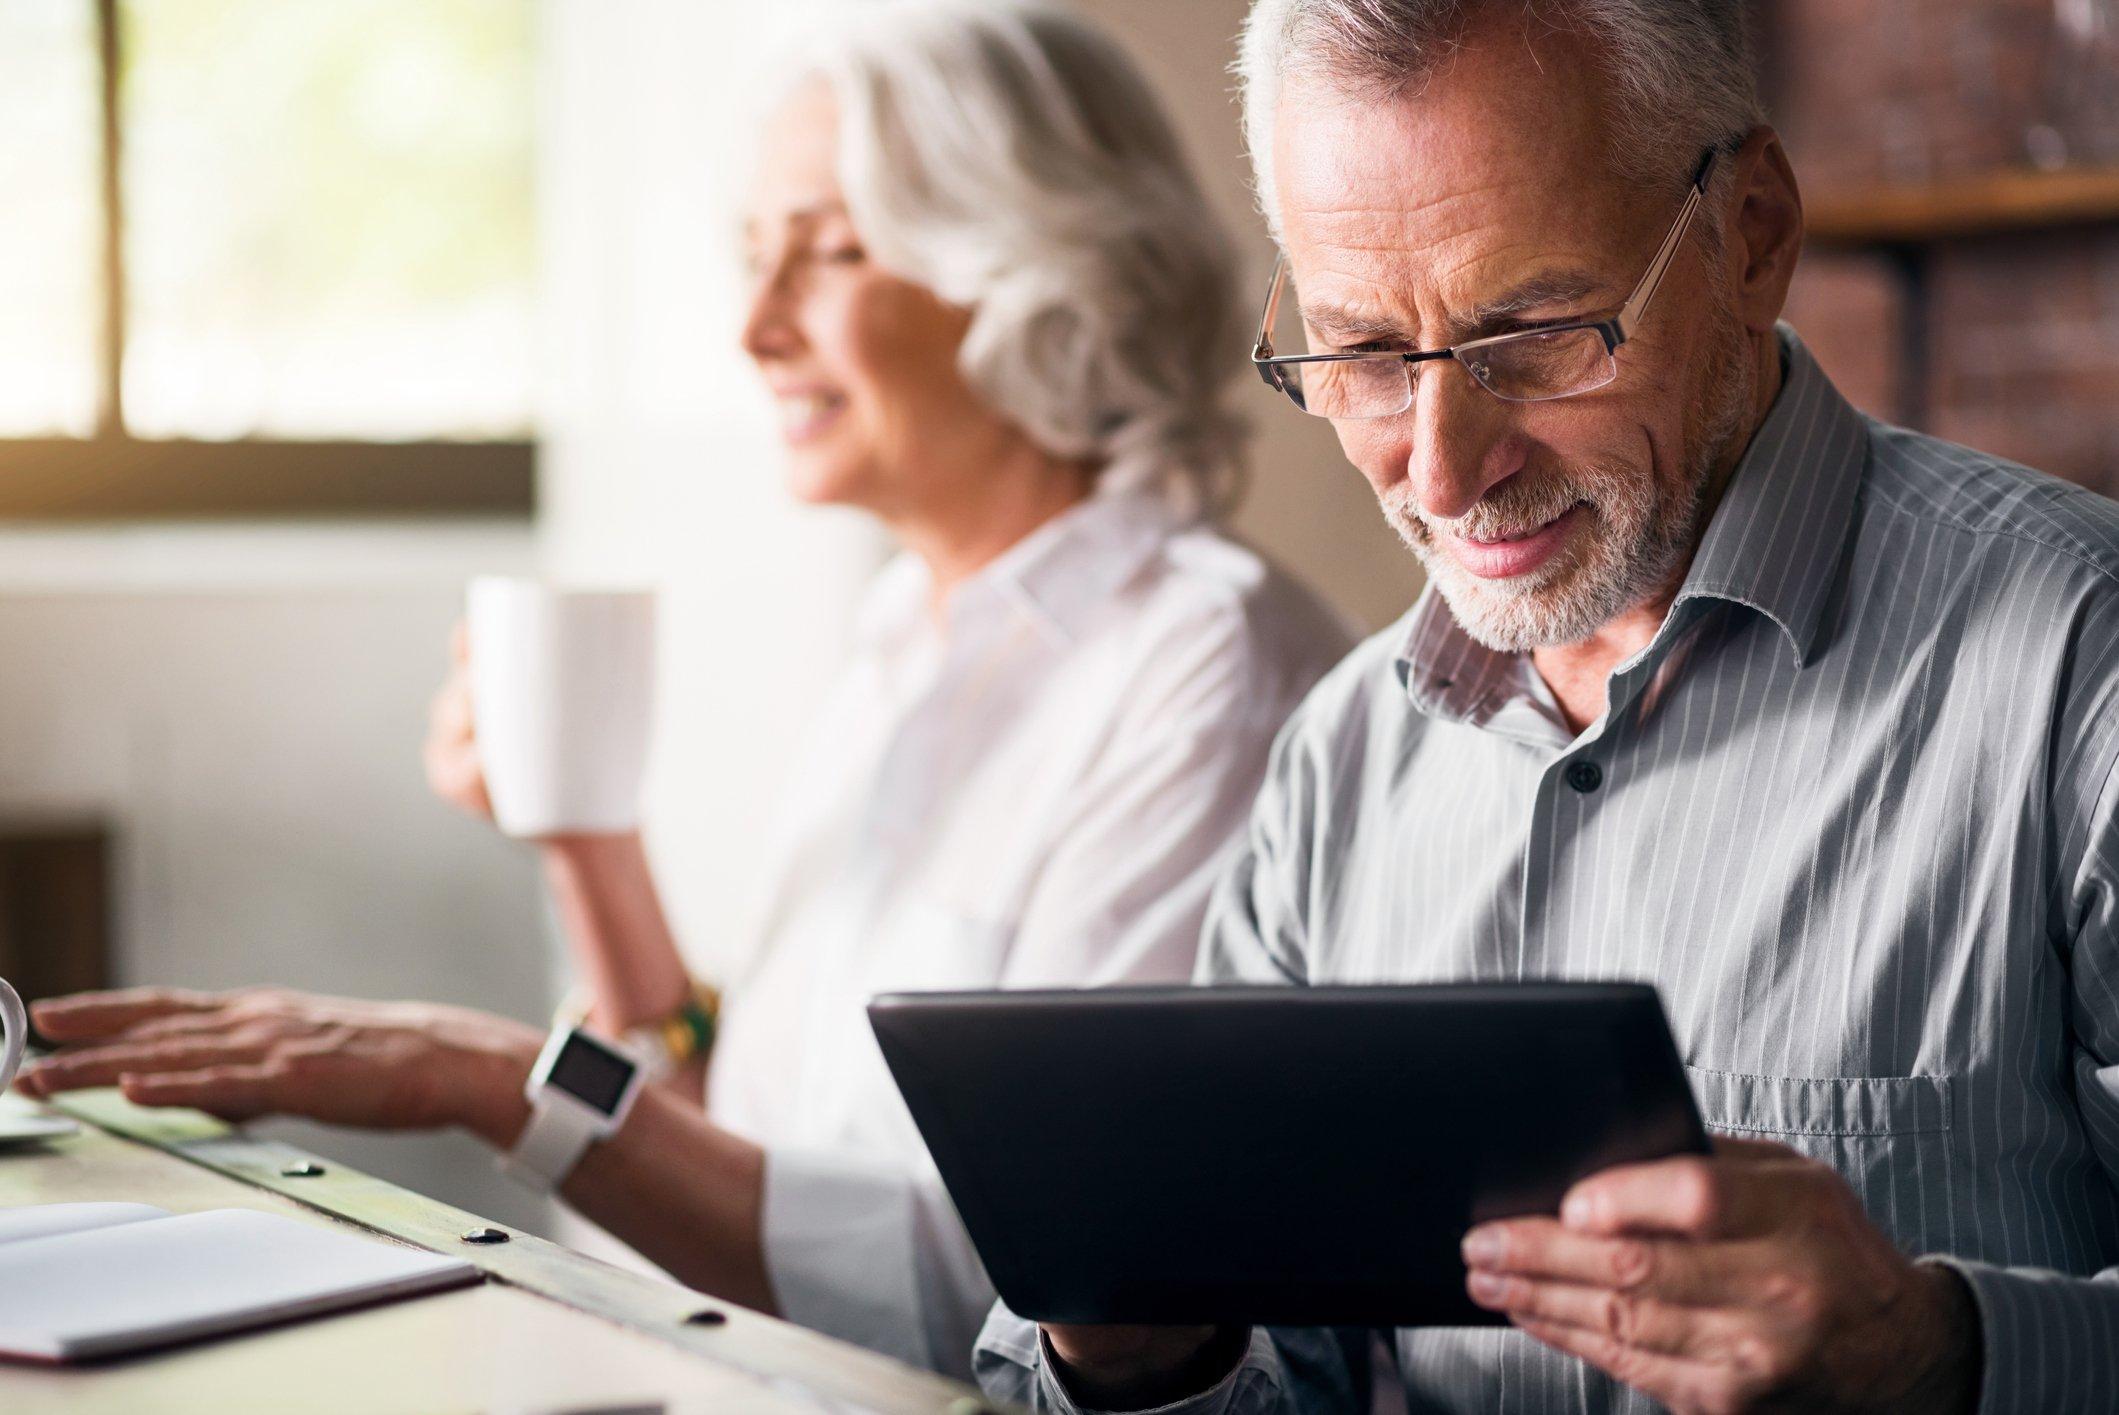 Les problèmes de santé et de mobilité ainsi que les problèmes cognitifs peuvent nuire à la capacité des gens d'avoir accès aux services financiers et de prendre des décisions financières.